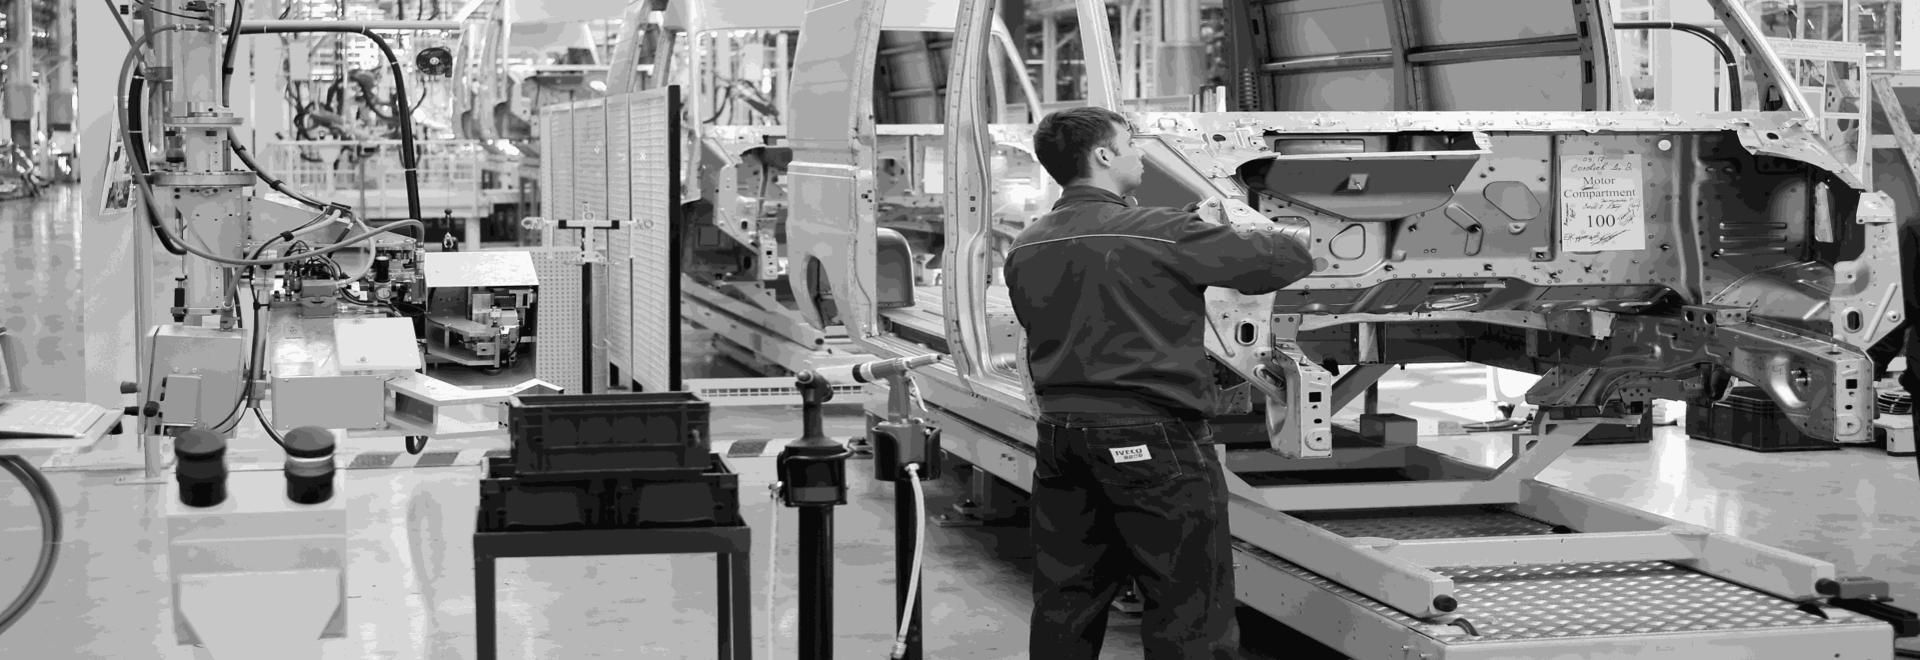 MOOnTAG di EDITAG permette il monitoraggio e l'ottimizzazione dei processi di preparazione degli ordini e dei flussi logistici utilizzando sensori RFID e sensori IoT